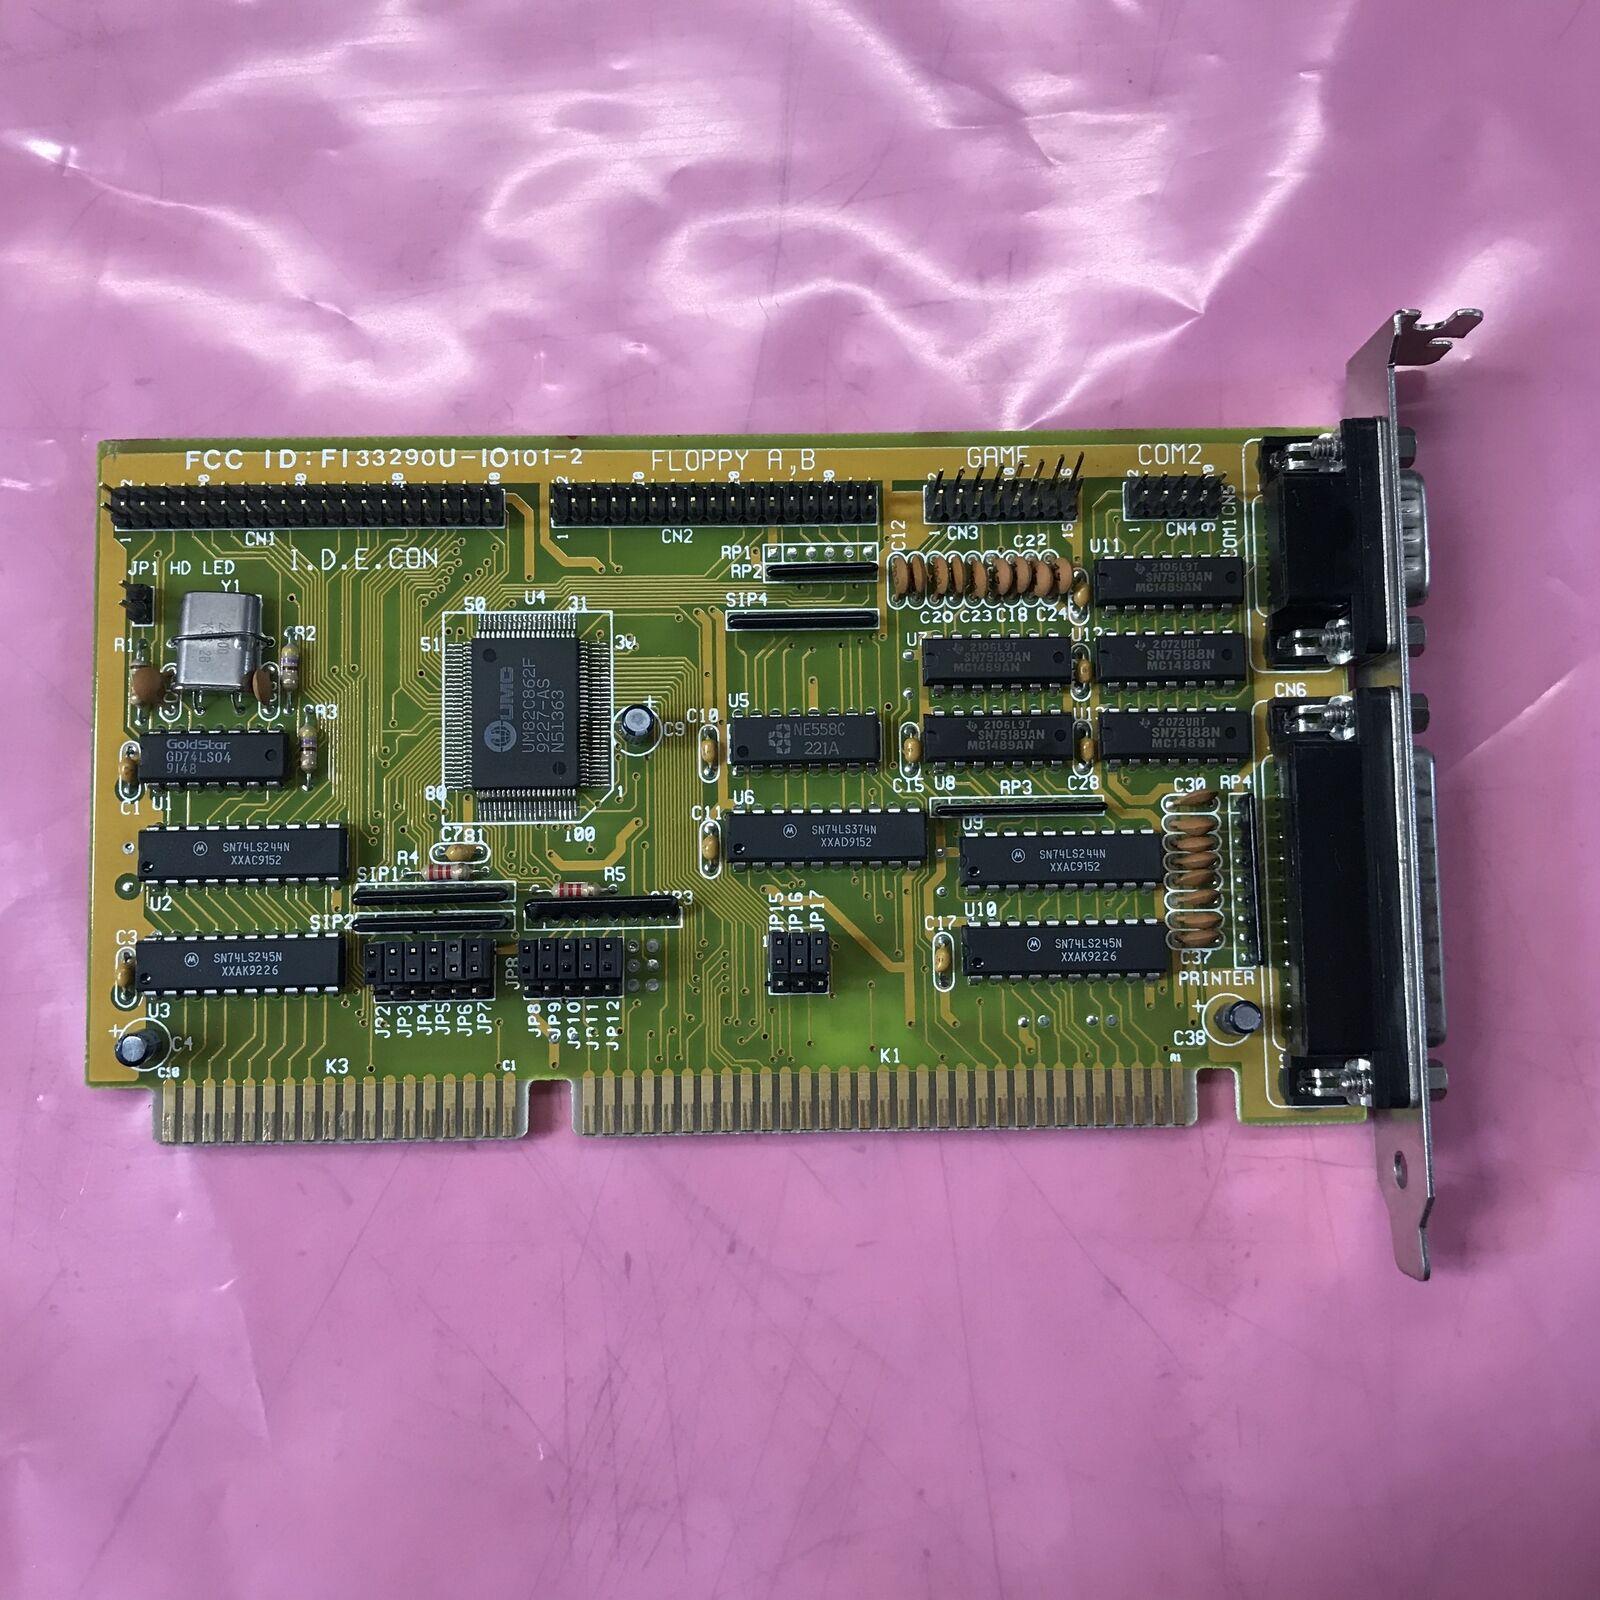 Biostar Systems Co. 3290U Multi-I O Card 3290U-IO101-2